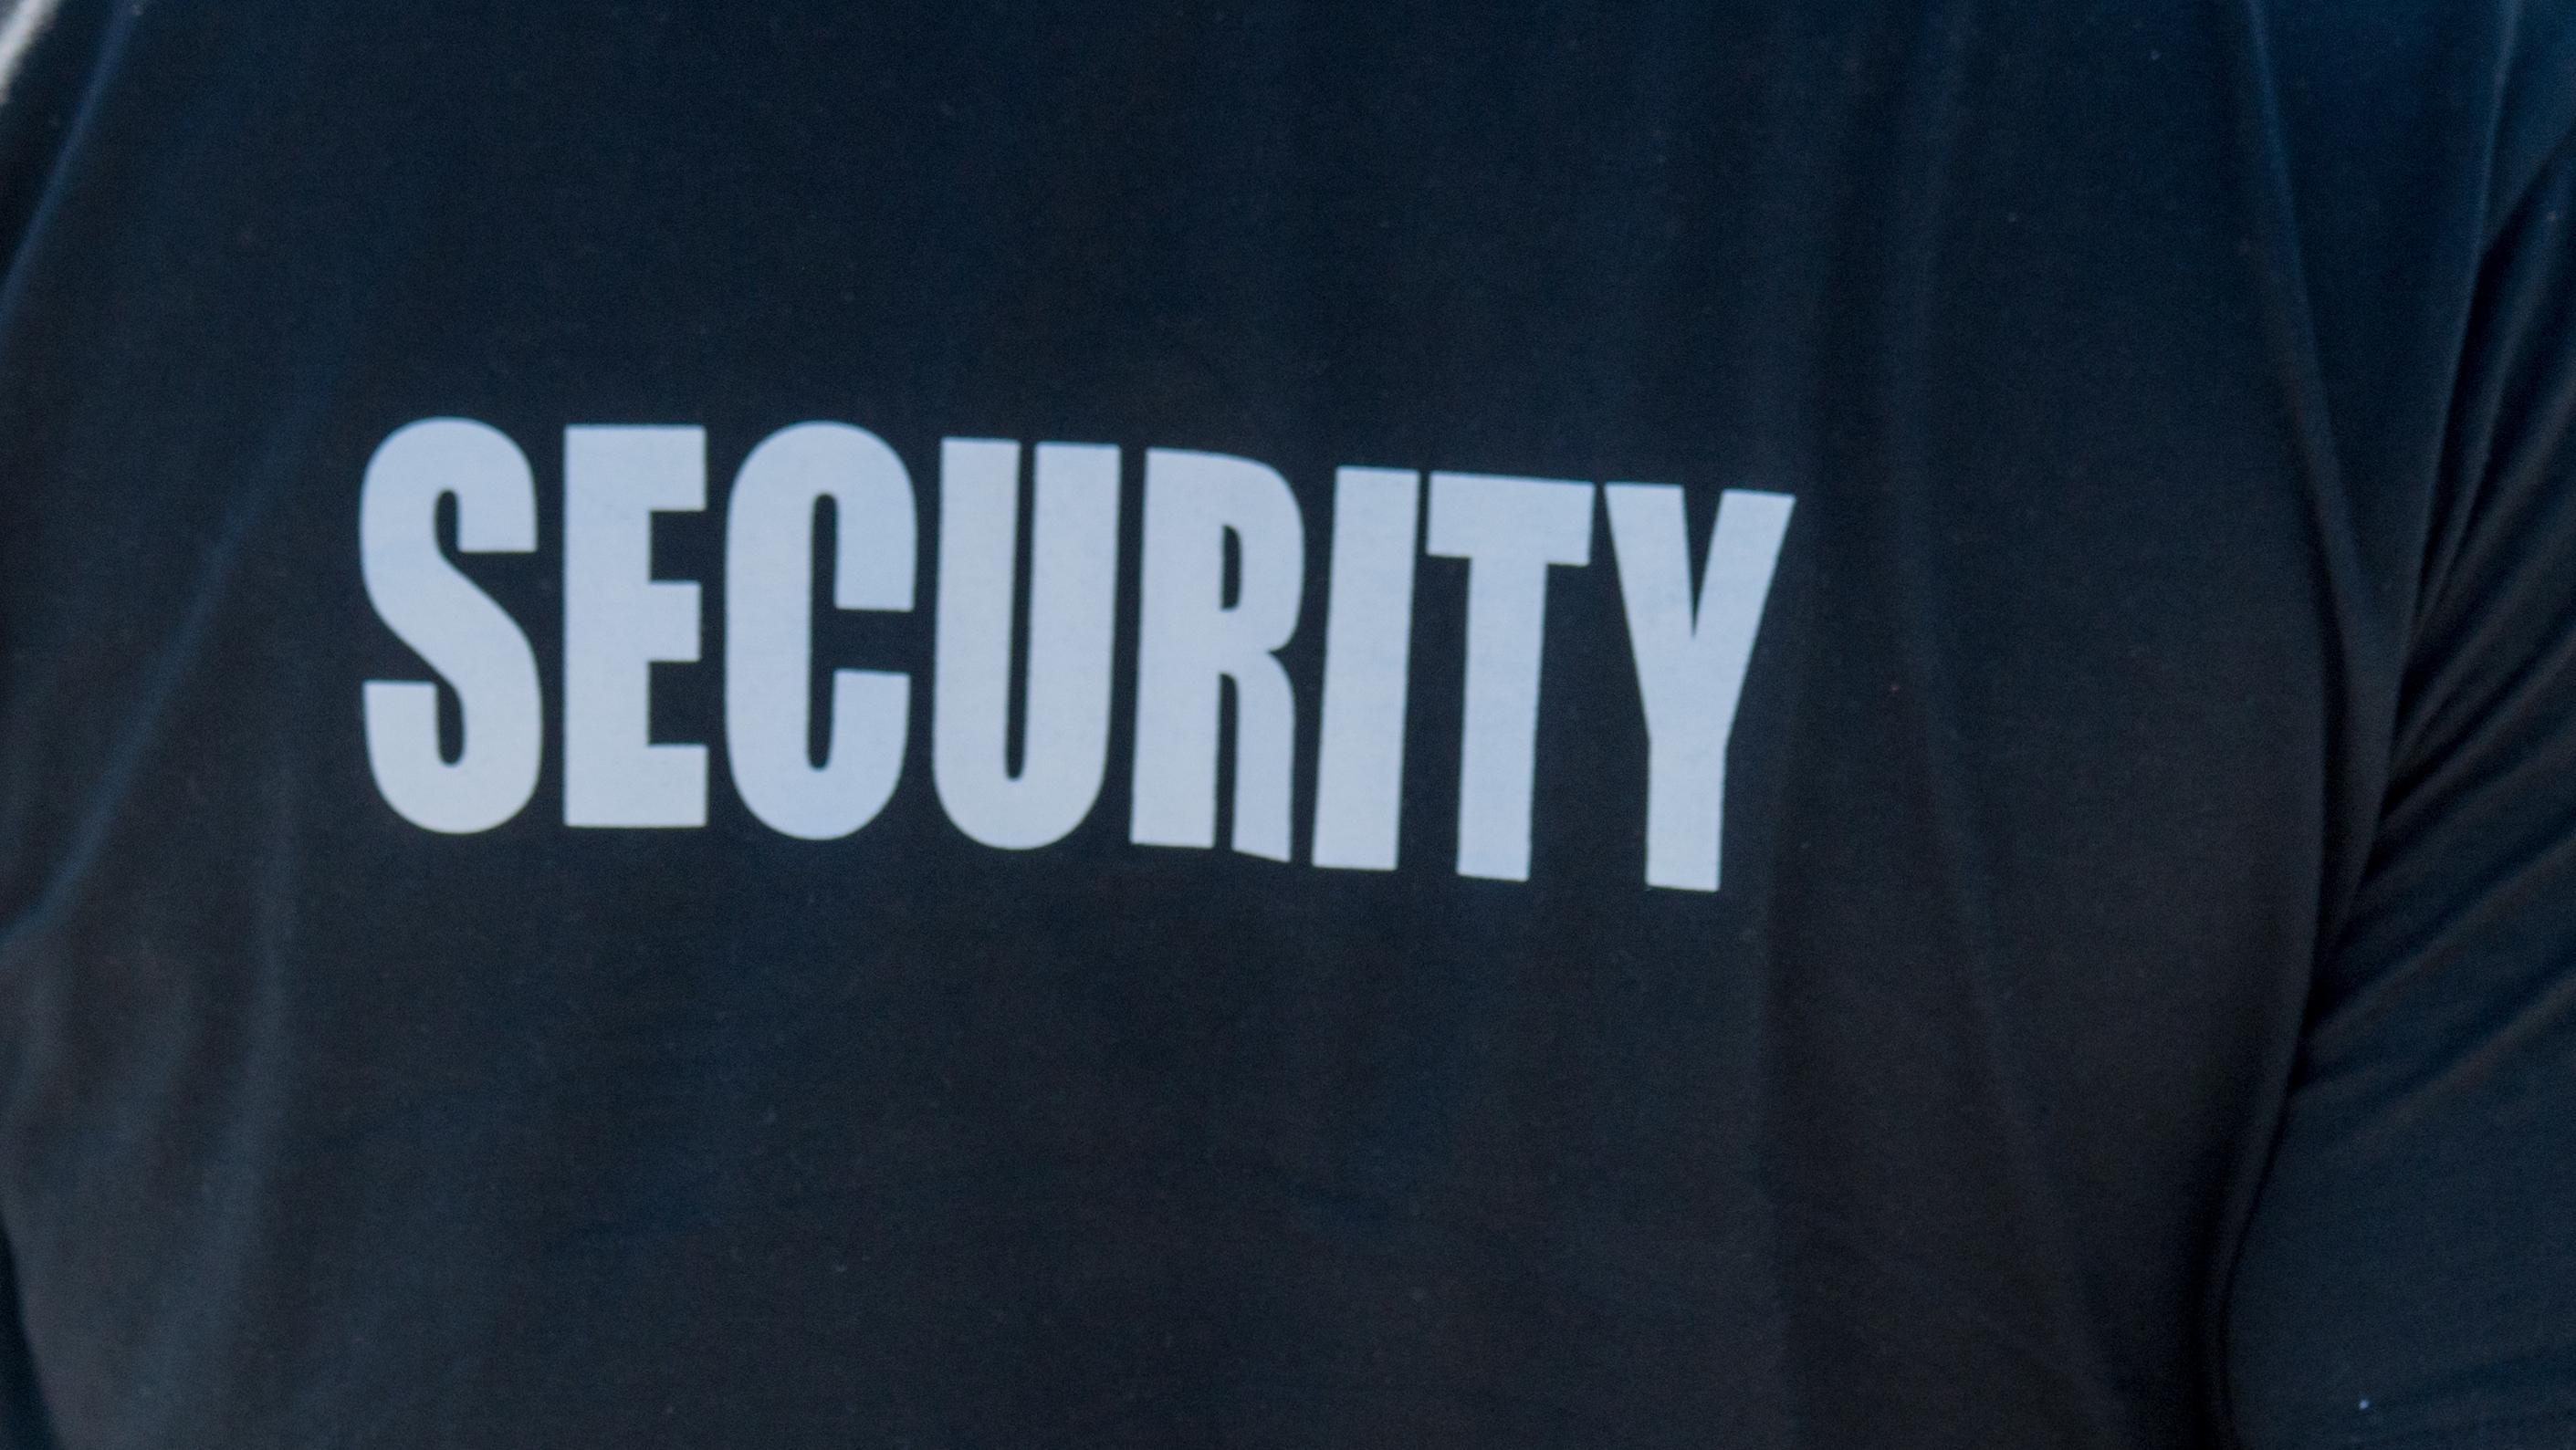 """Symbolbild: Weißer Schriftzug """"Security"""" auf dem Rücken eines schwarzen T-Shirts"""